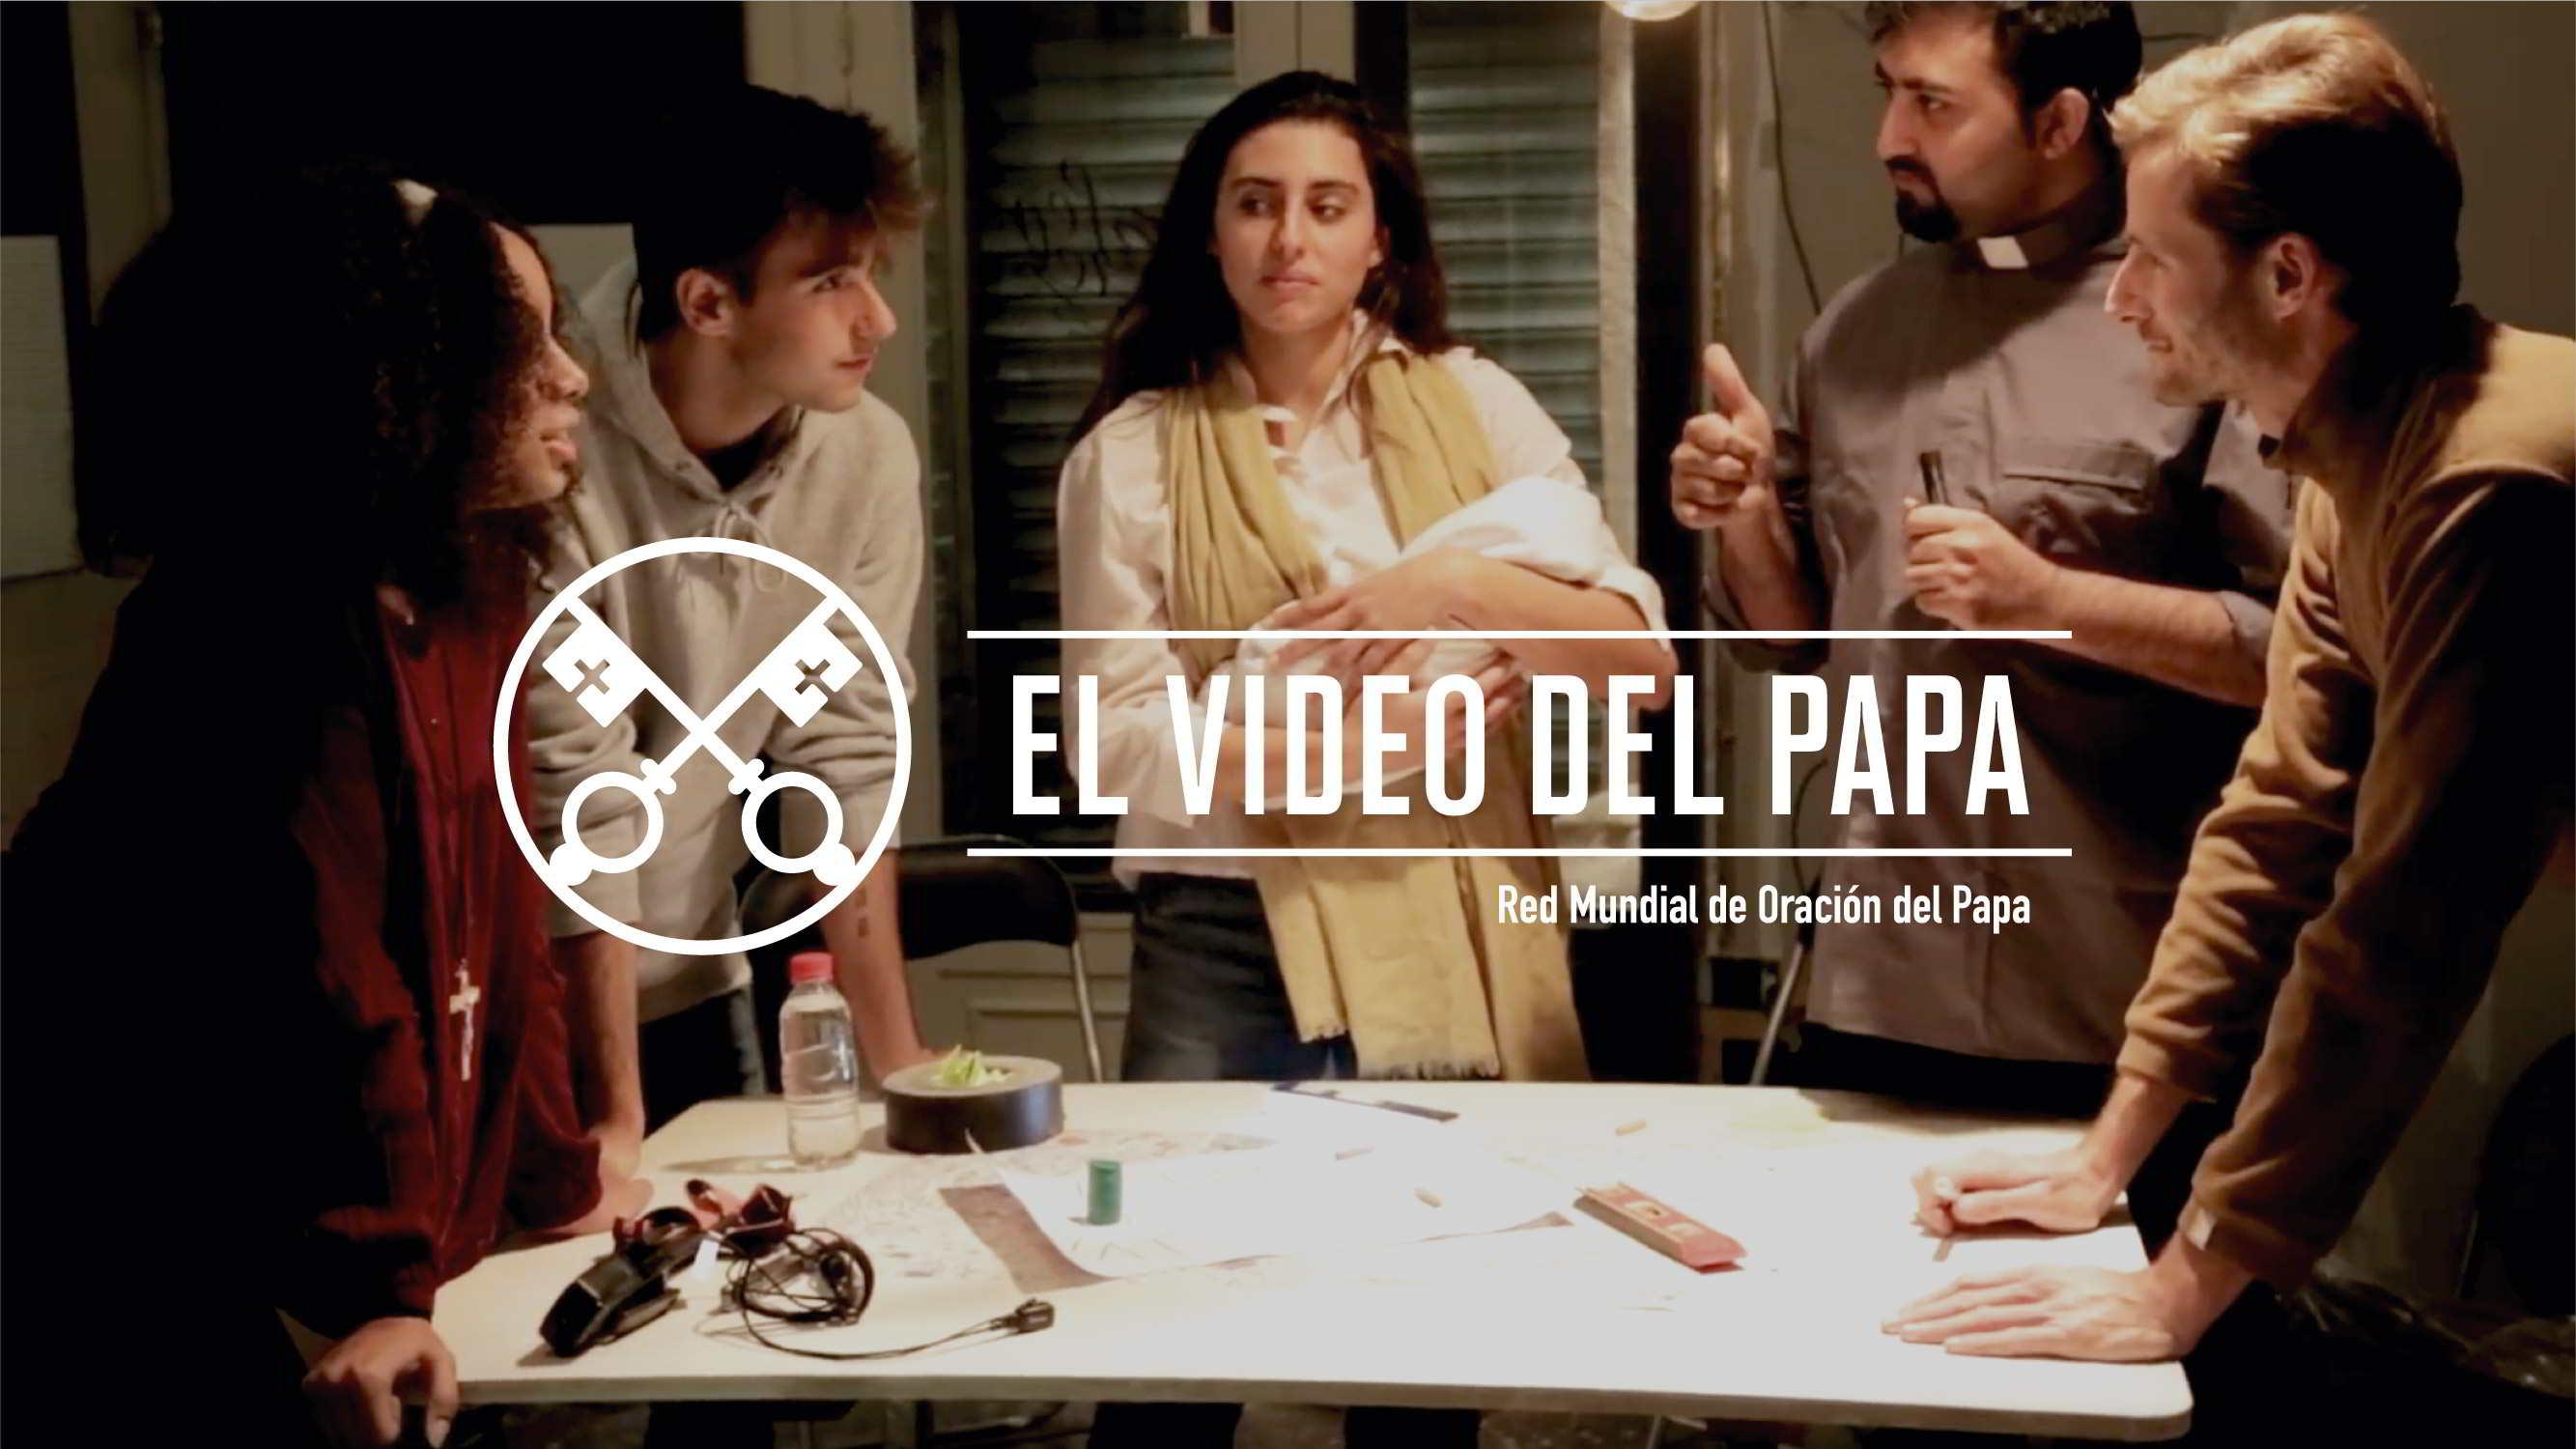 Official Image - TPV 12 2018 - 2 ES - El Video del Papa - Al servicio de la transmision de la fe